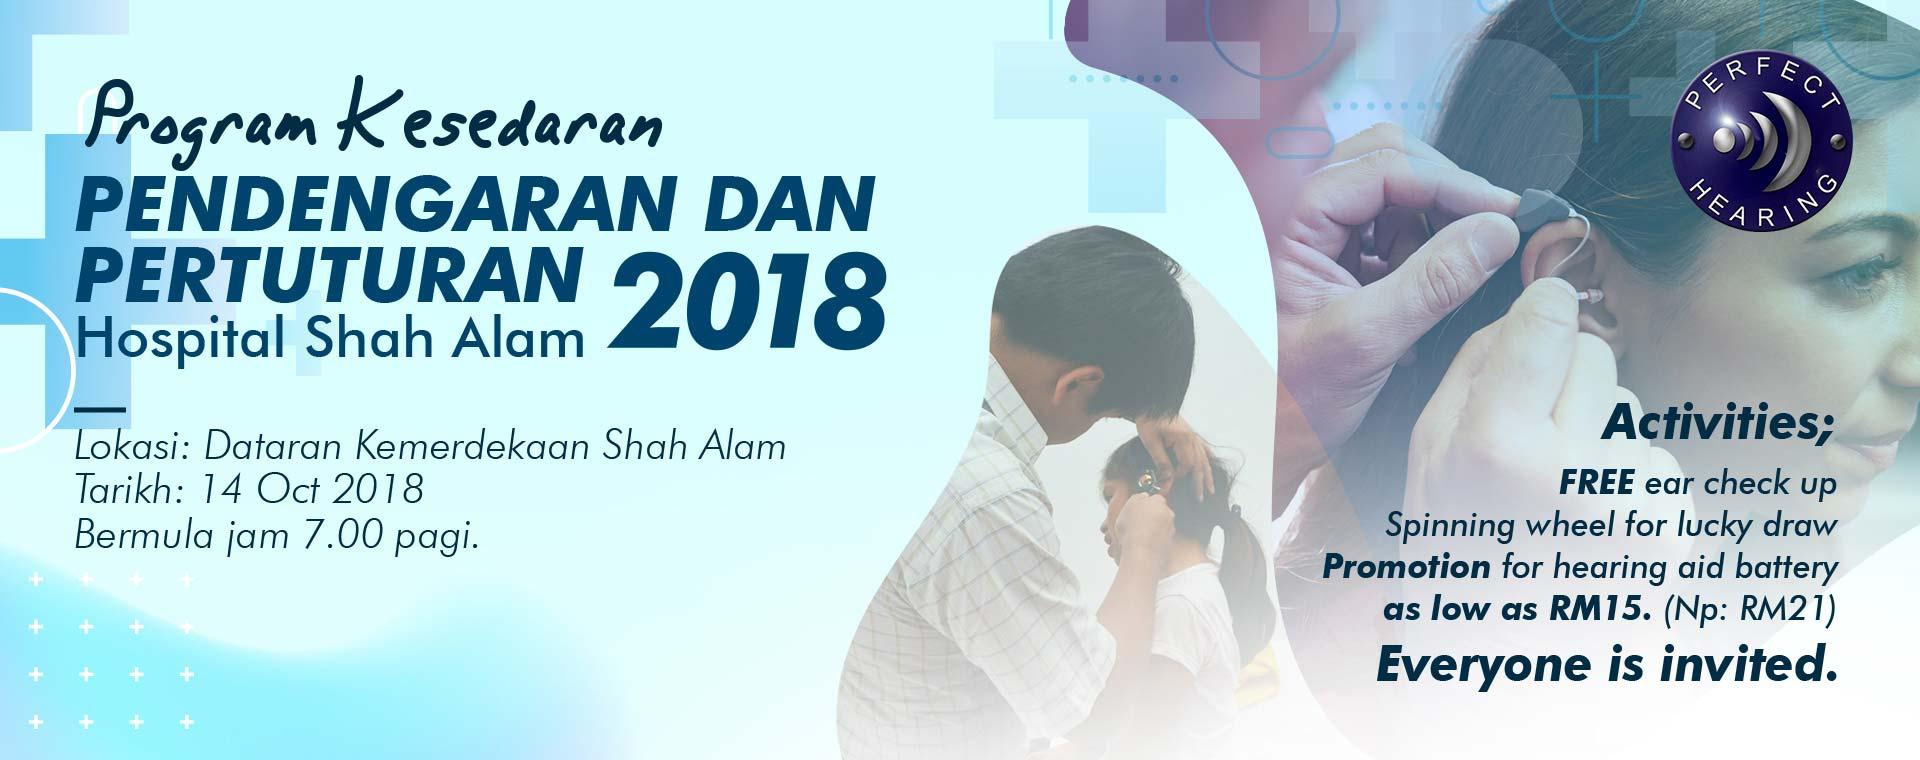 program-kesedaran-dan-pertuturan-Hospital-Shah-Alam-2018